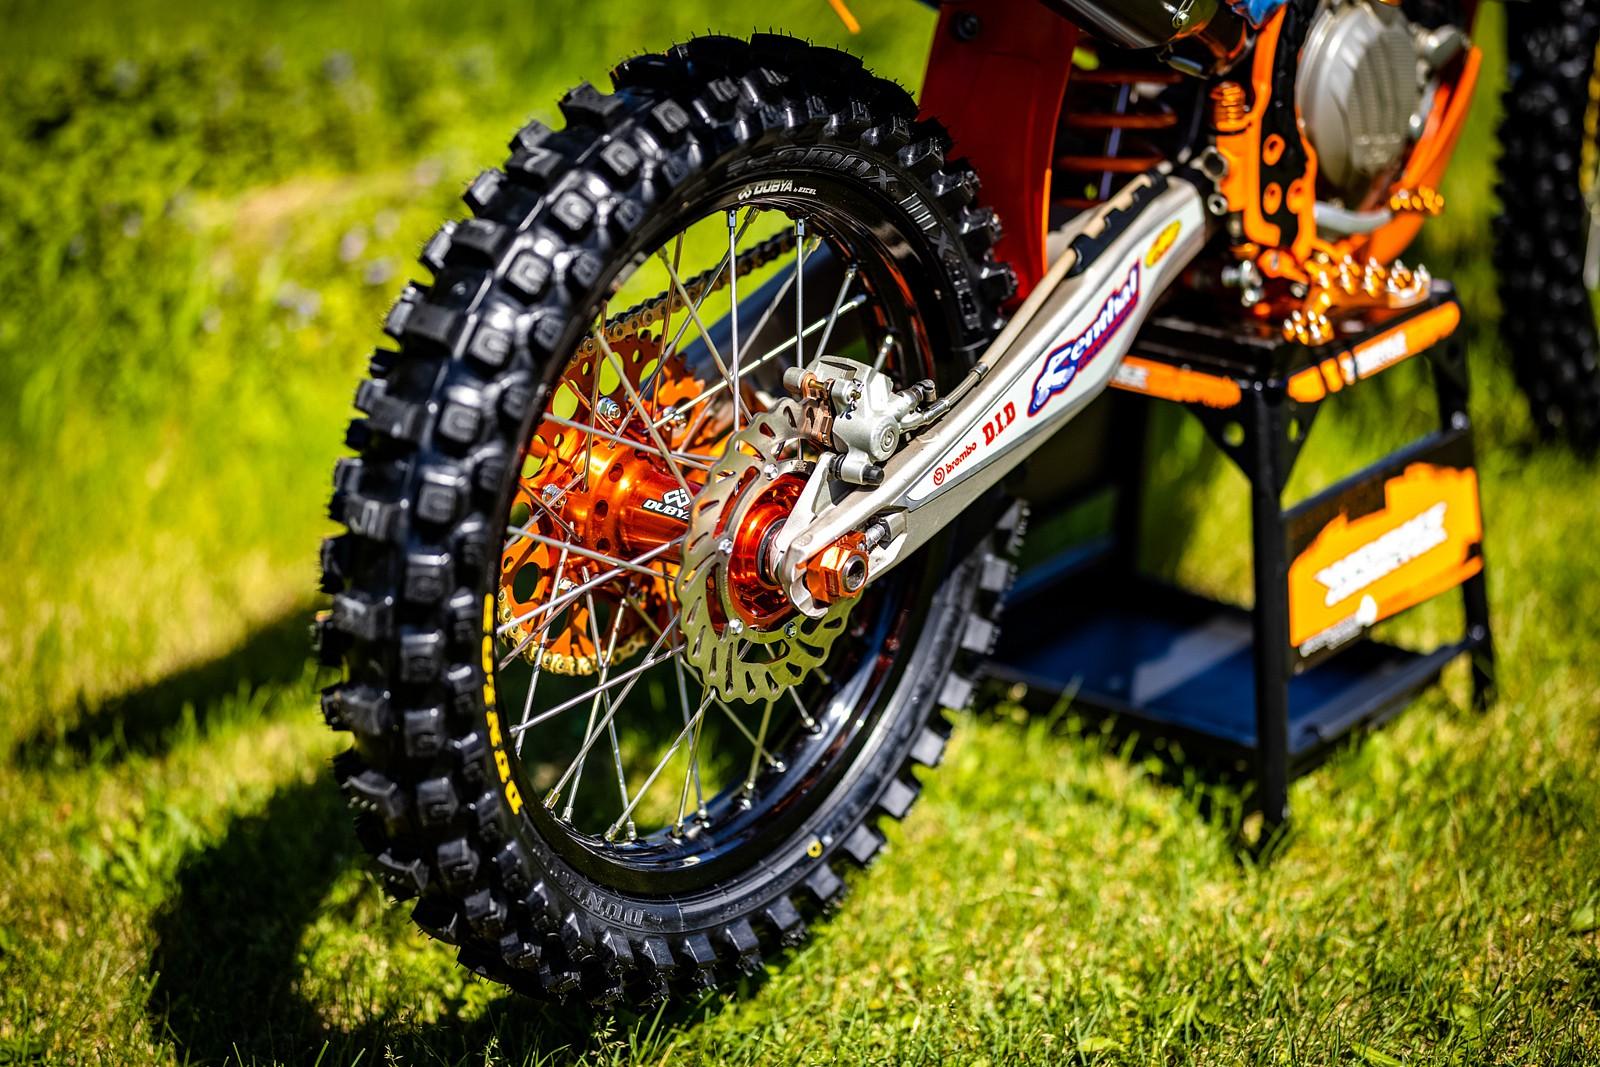 ktm 23 - GForce MMG - Motocross Pictures - Vital MX